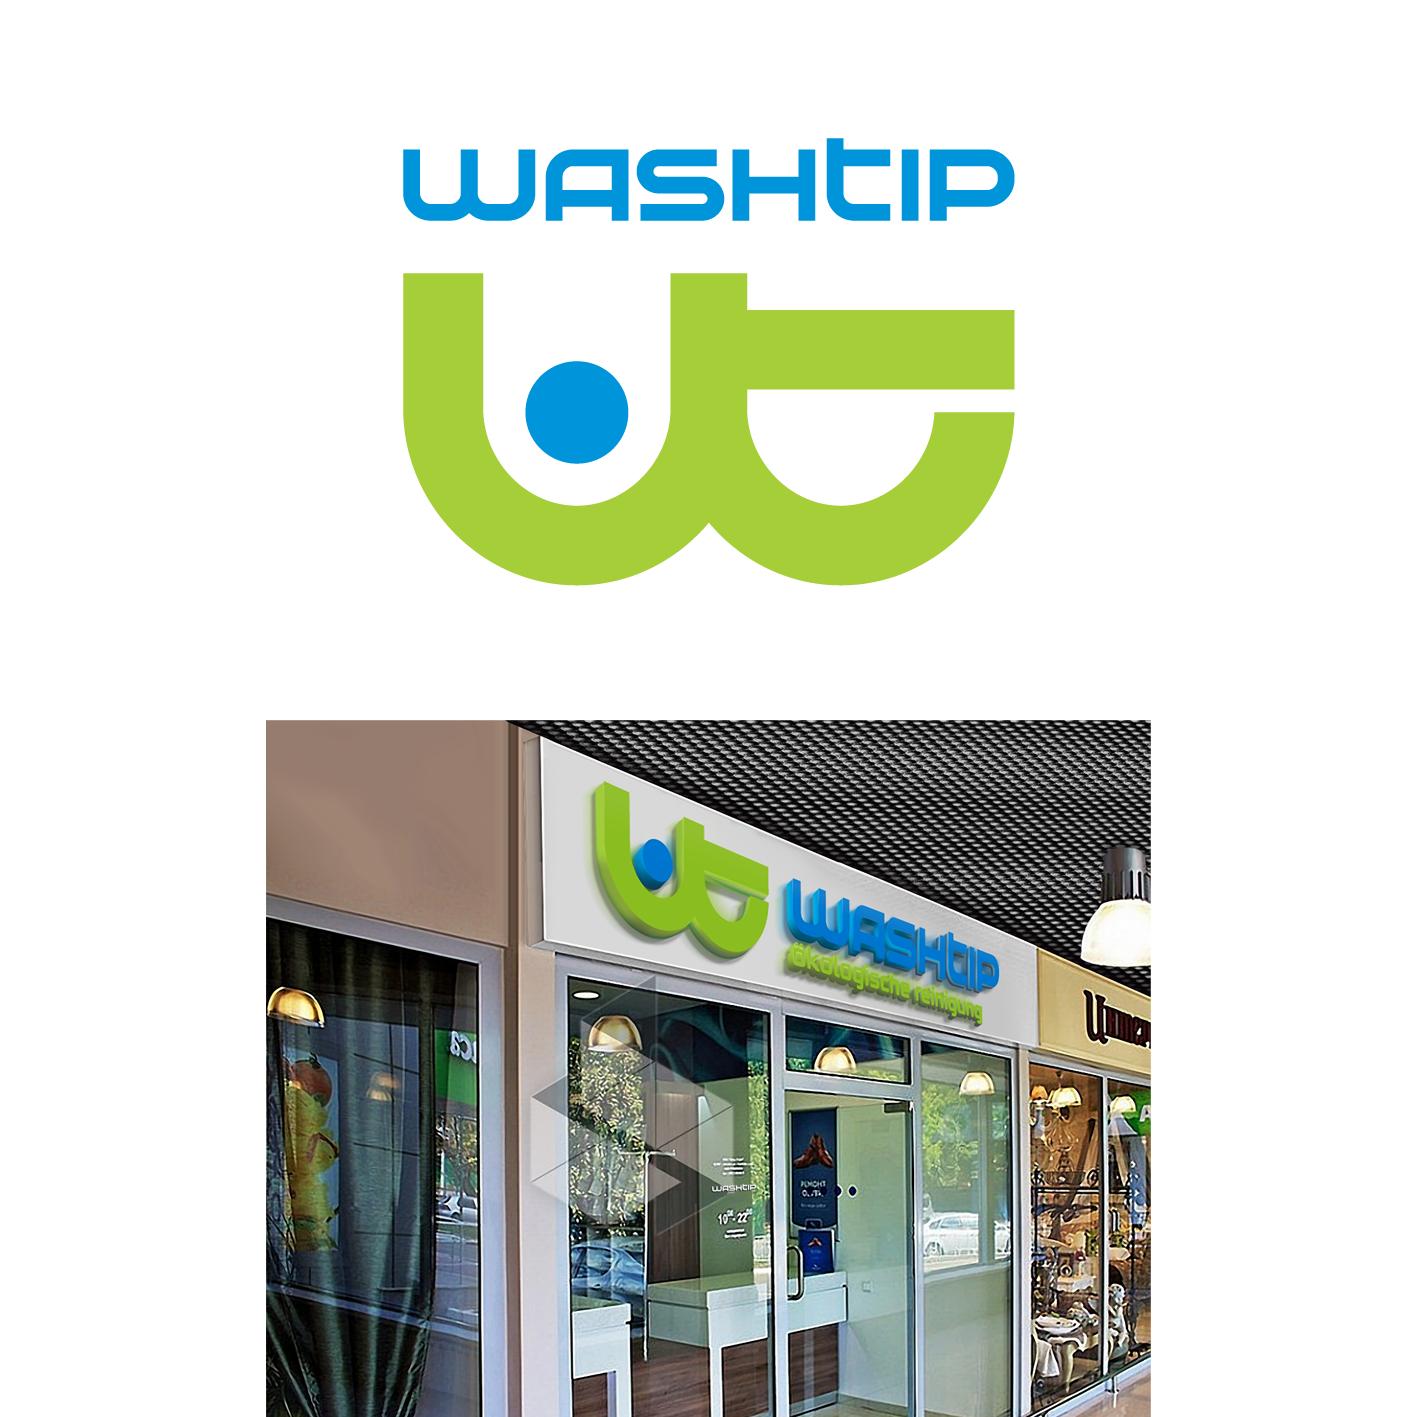 Разработка логотипа для онлайн-сервиса химчистки фото f_3355c052d4502d45.png